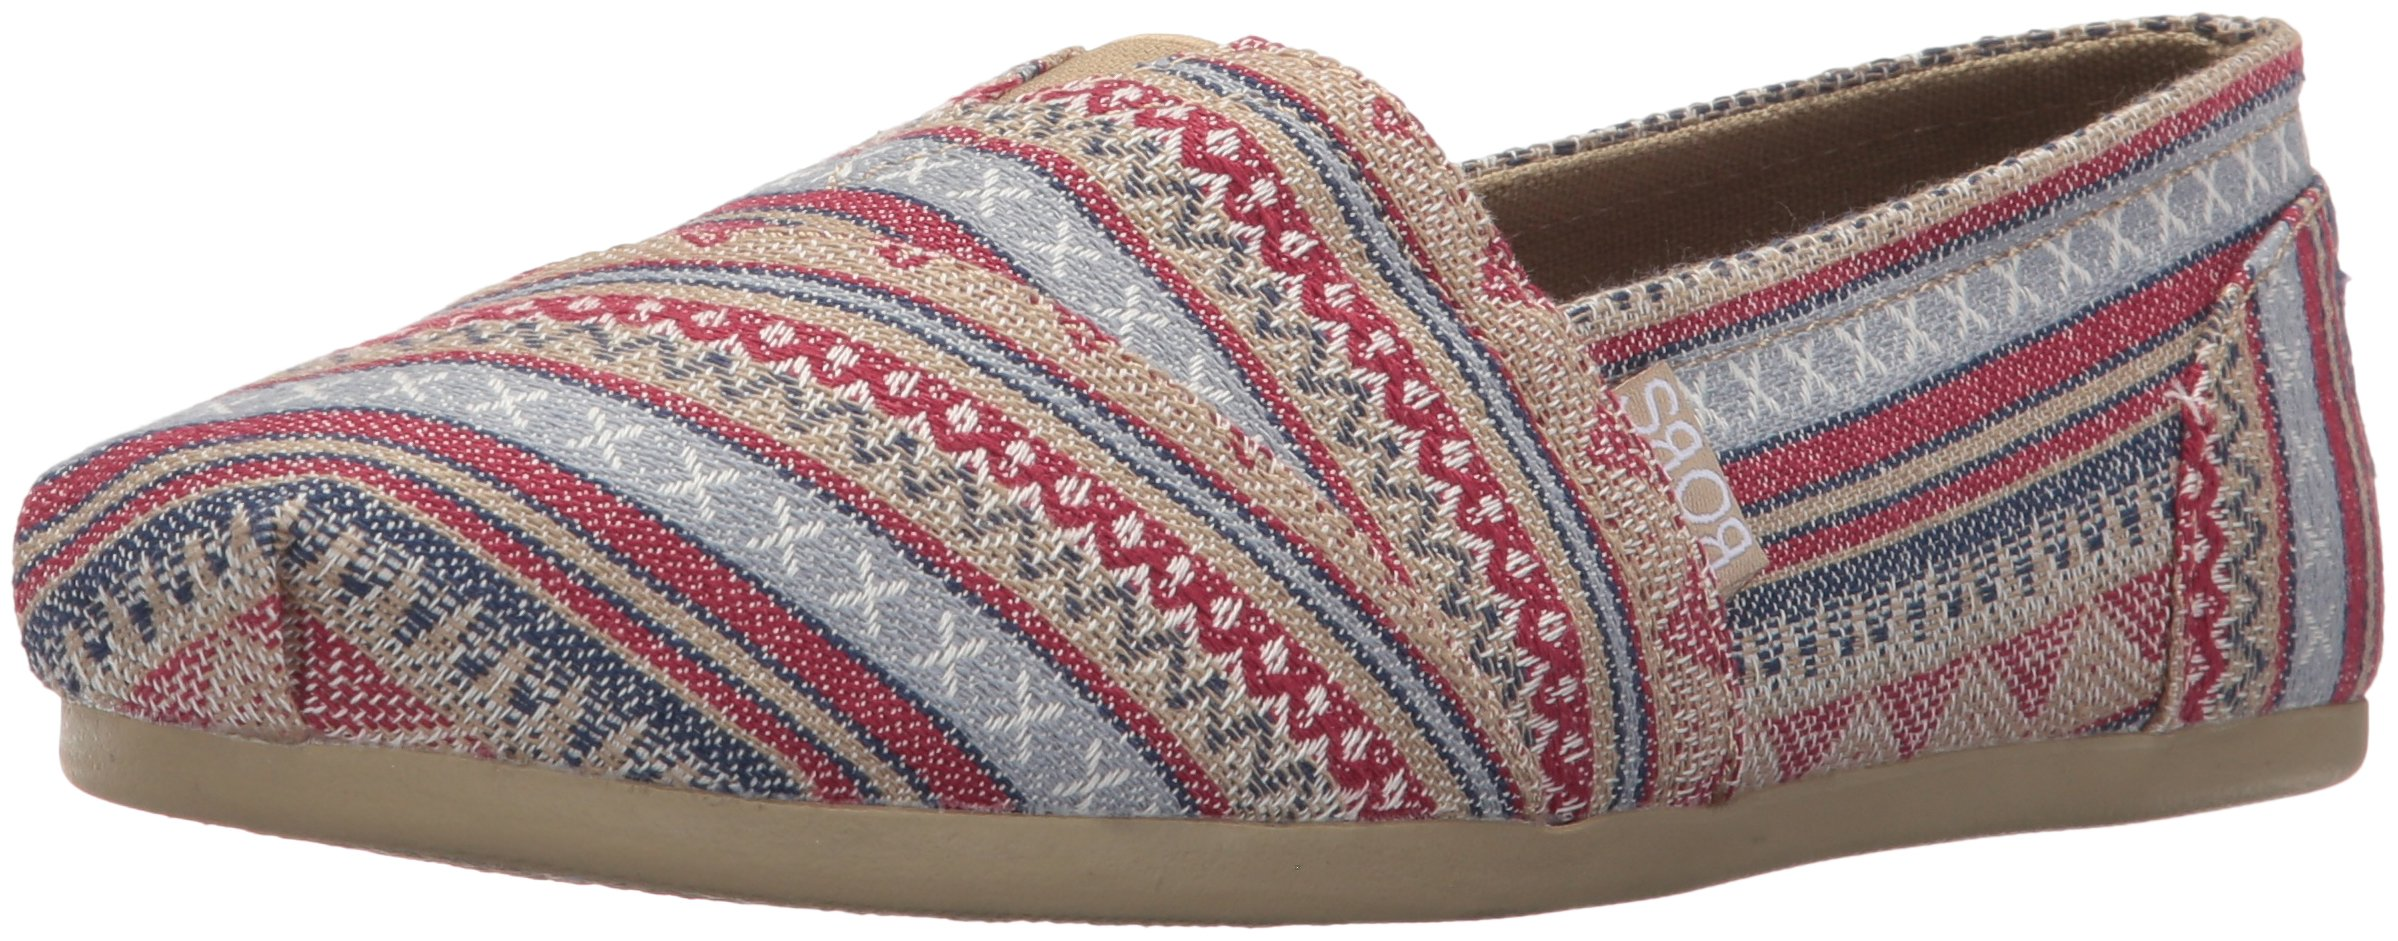 Skechers BOBS from Women's Plush-Lil Fox Flat, Aztec Tan, 8 M US